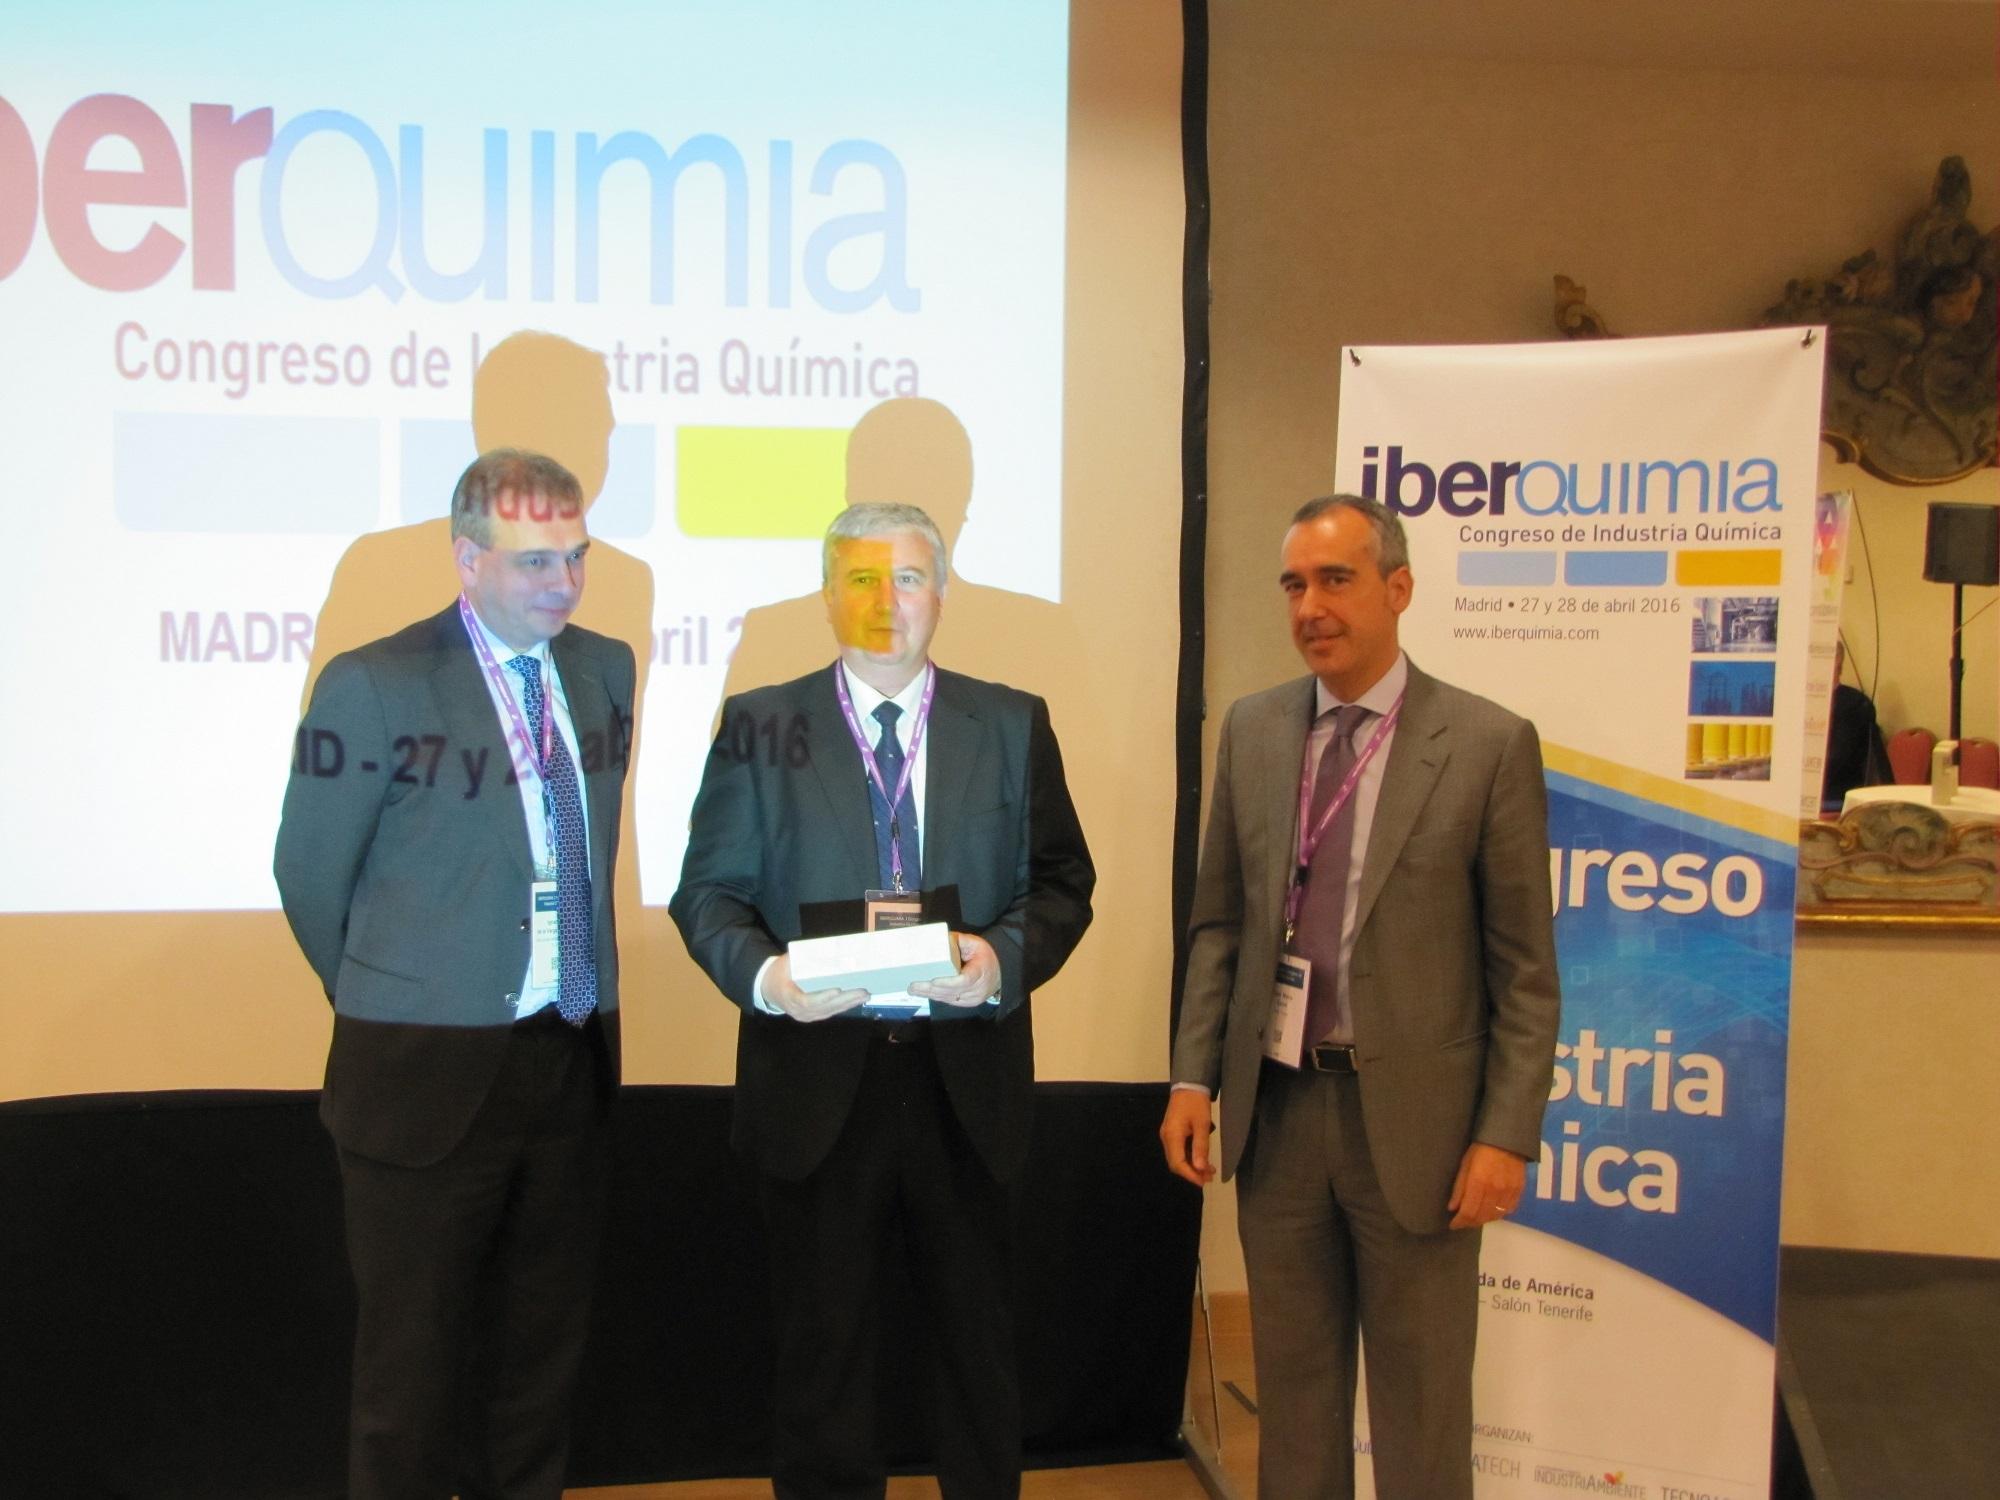 En eficiencia energética el premio es para Air liquide #iberquimia #PremiosInnovacion